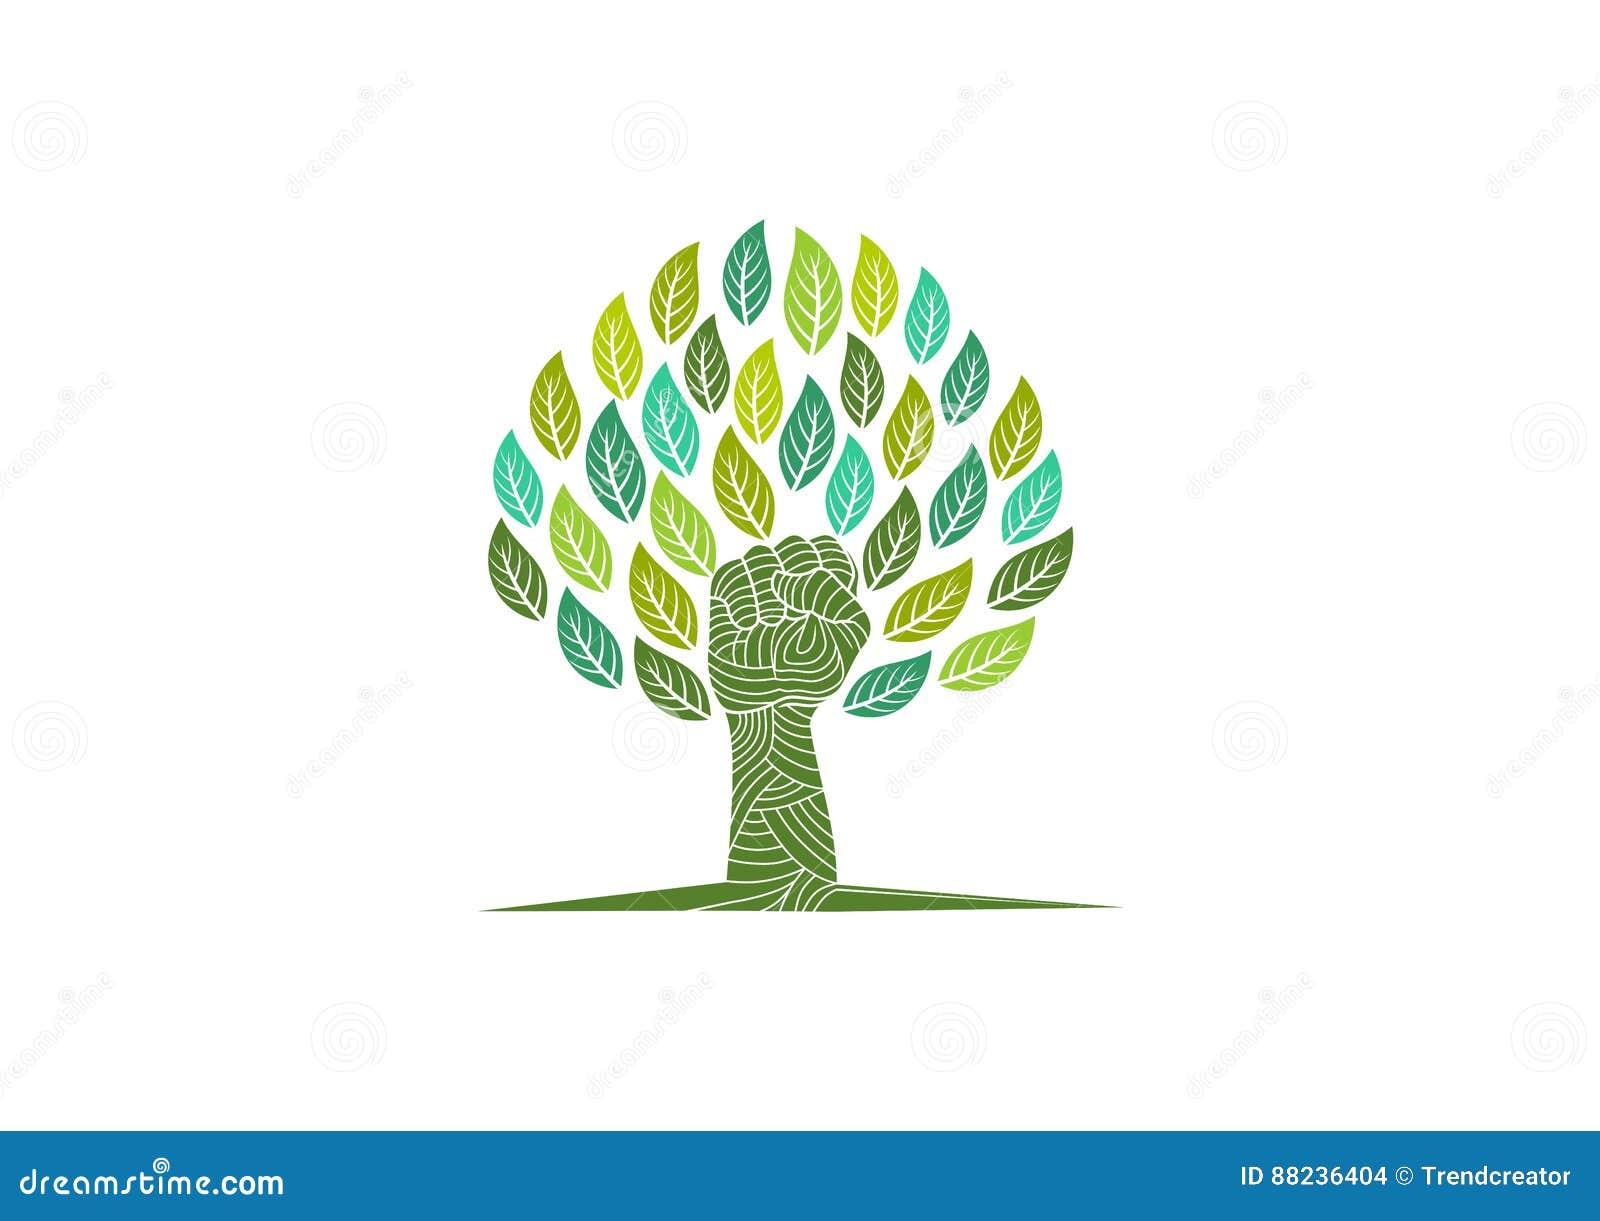 树关心商标、革命自然标志、有机叛乱标志、绿色教育和反叛健康孩子构思设计